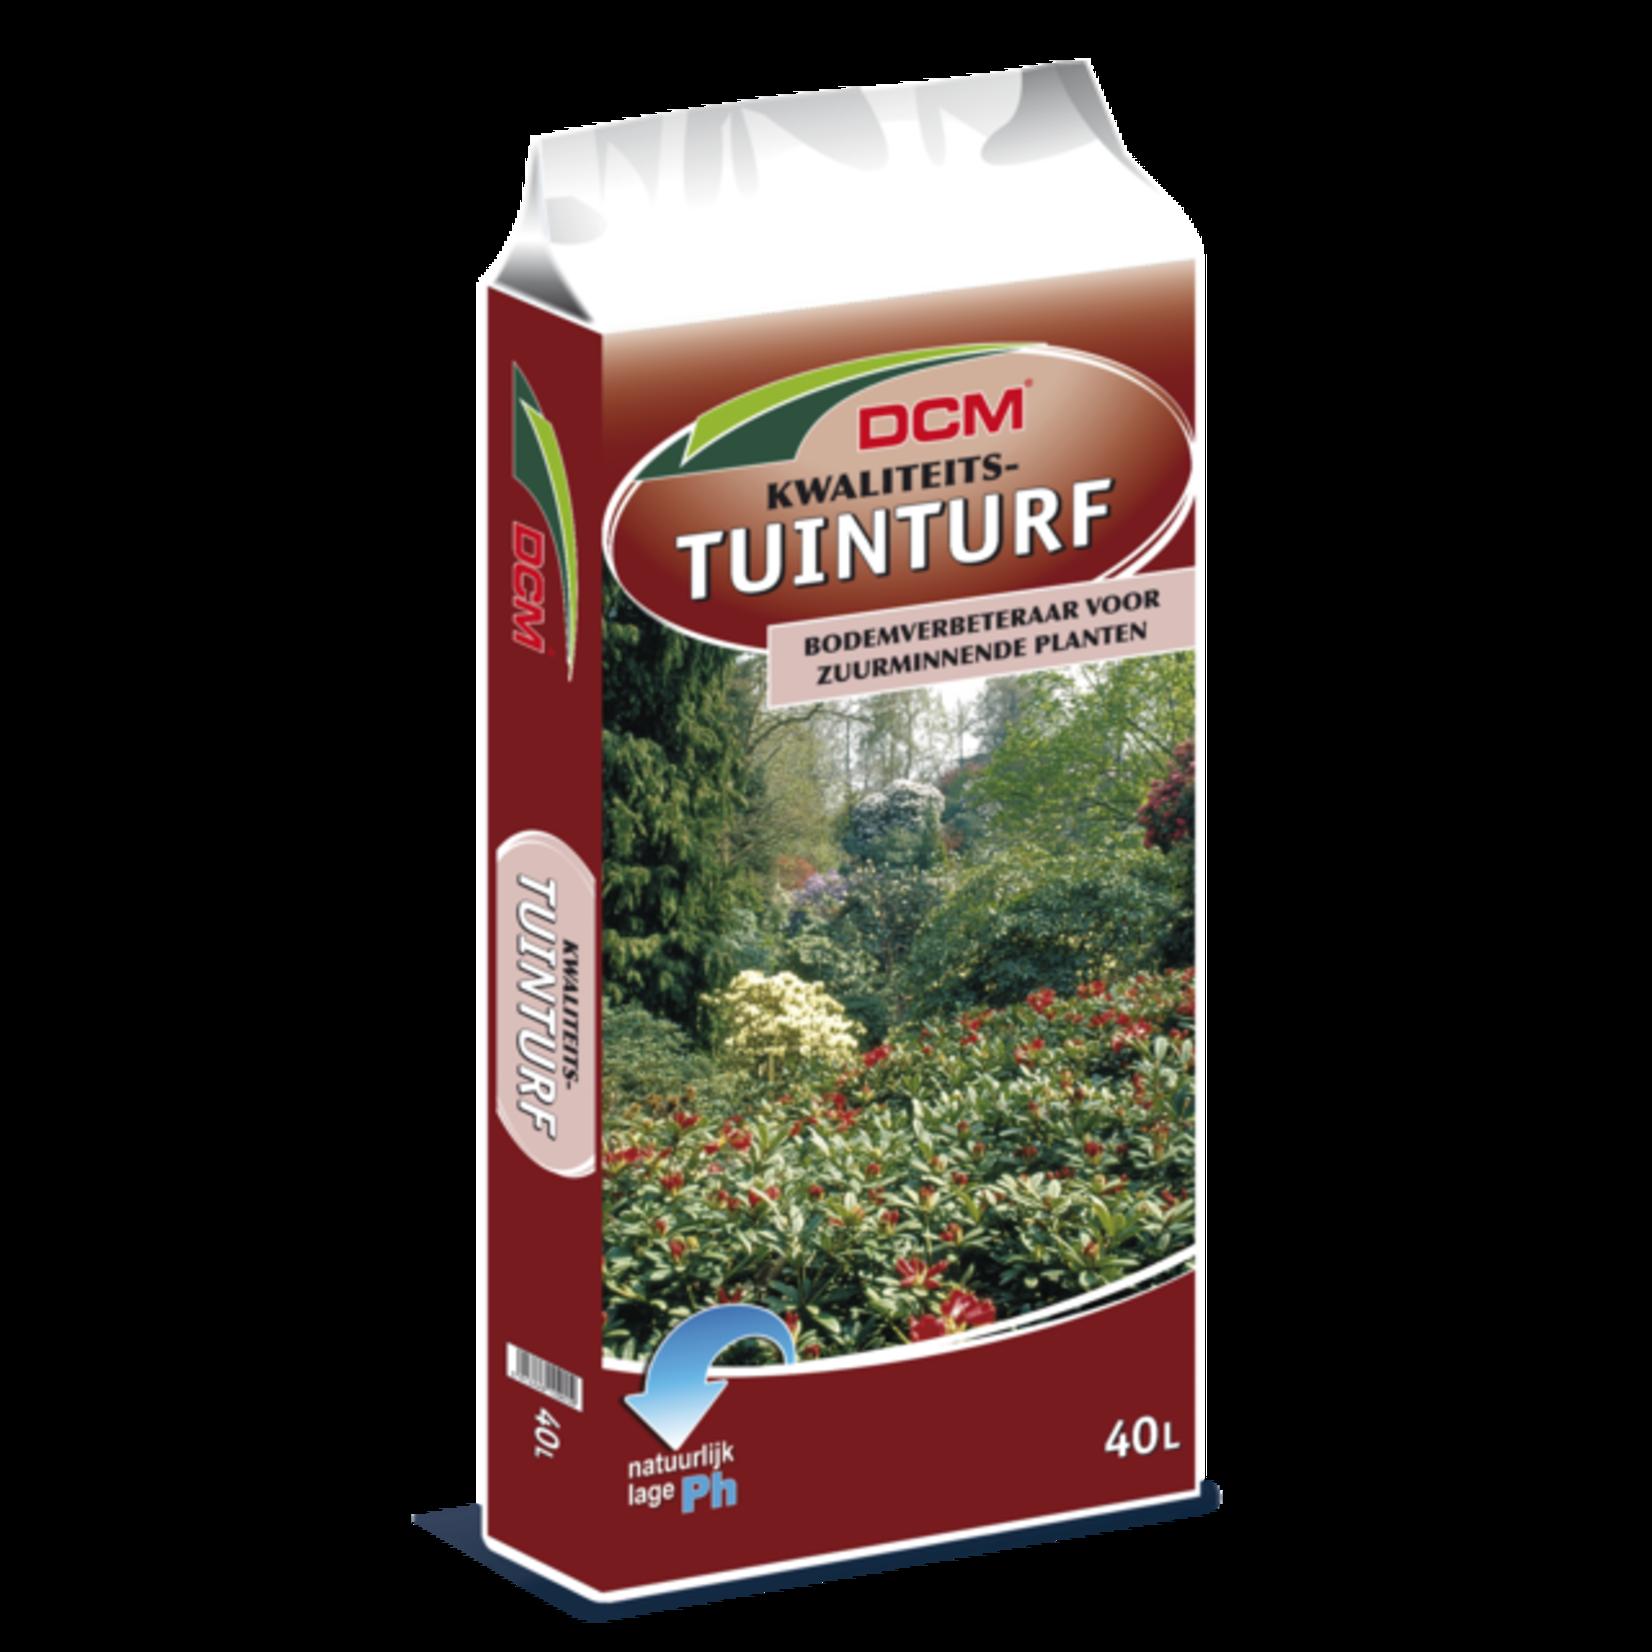 DCM Tuinturf